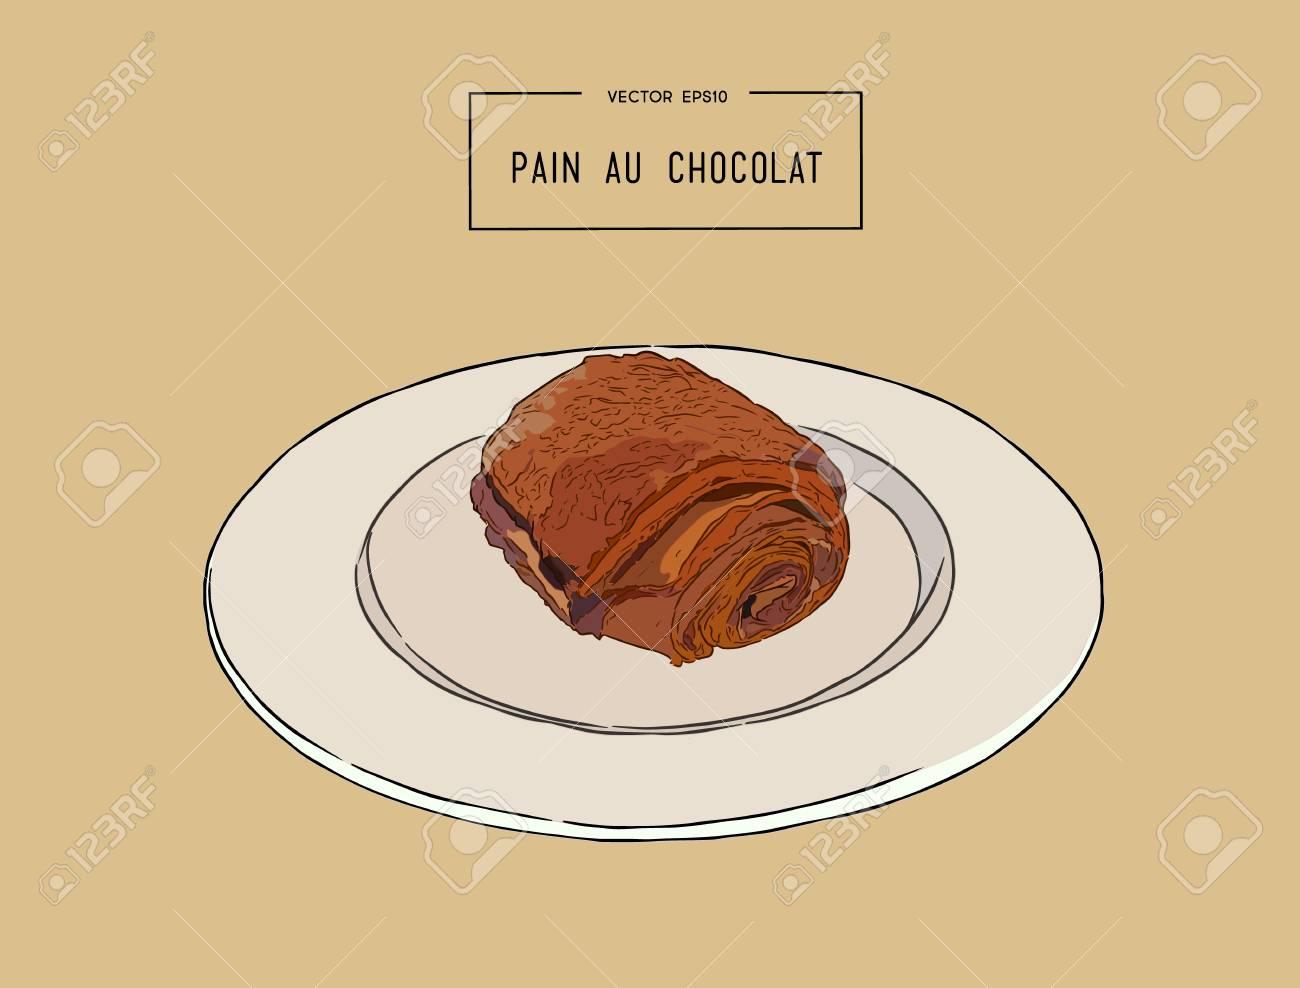 Croissants Au Chocolat Pain Au Chocolat Pâtisserie Traditionnelle Française Main Dessiner Le Vecteur De Croquis